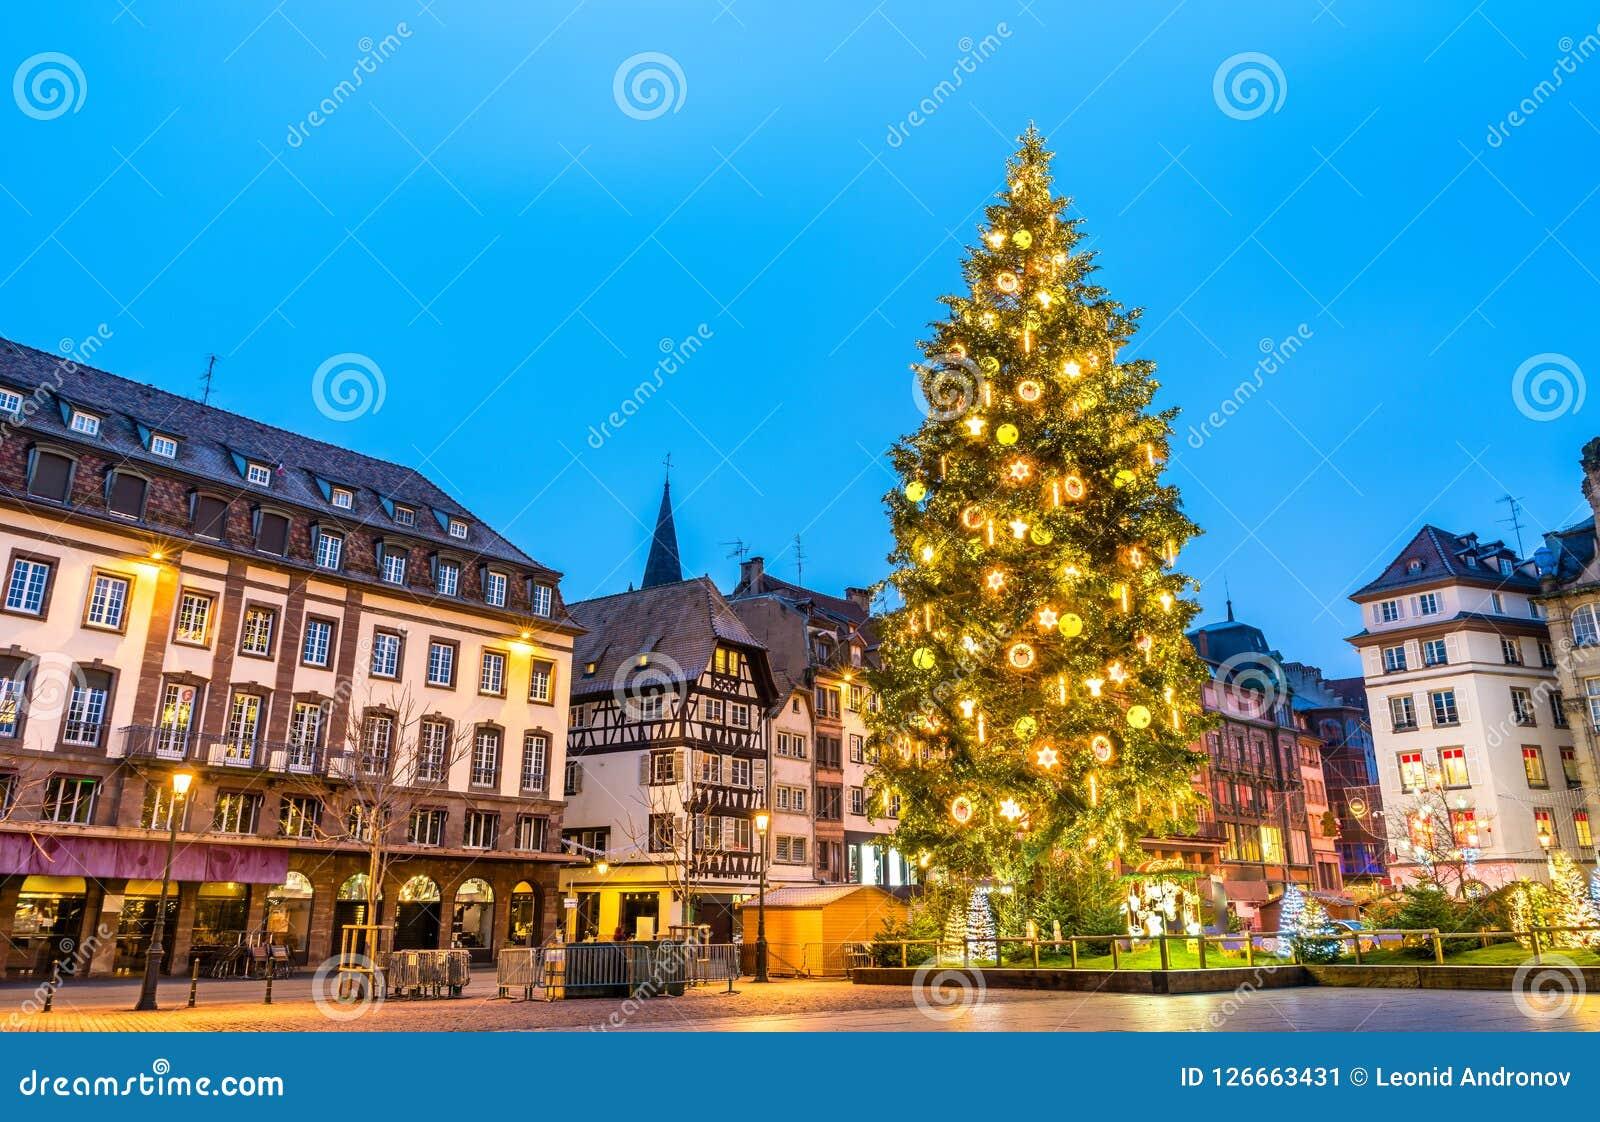 Weihnachtsbaum auf Platz Kleber in Straßburg, Frankreich